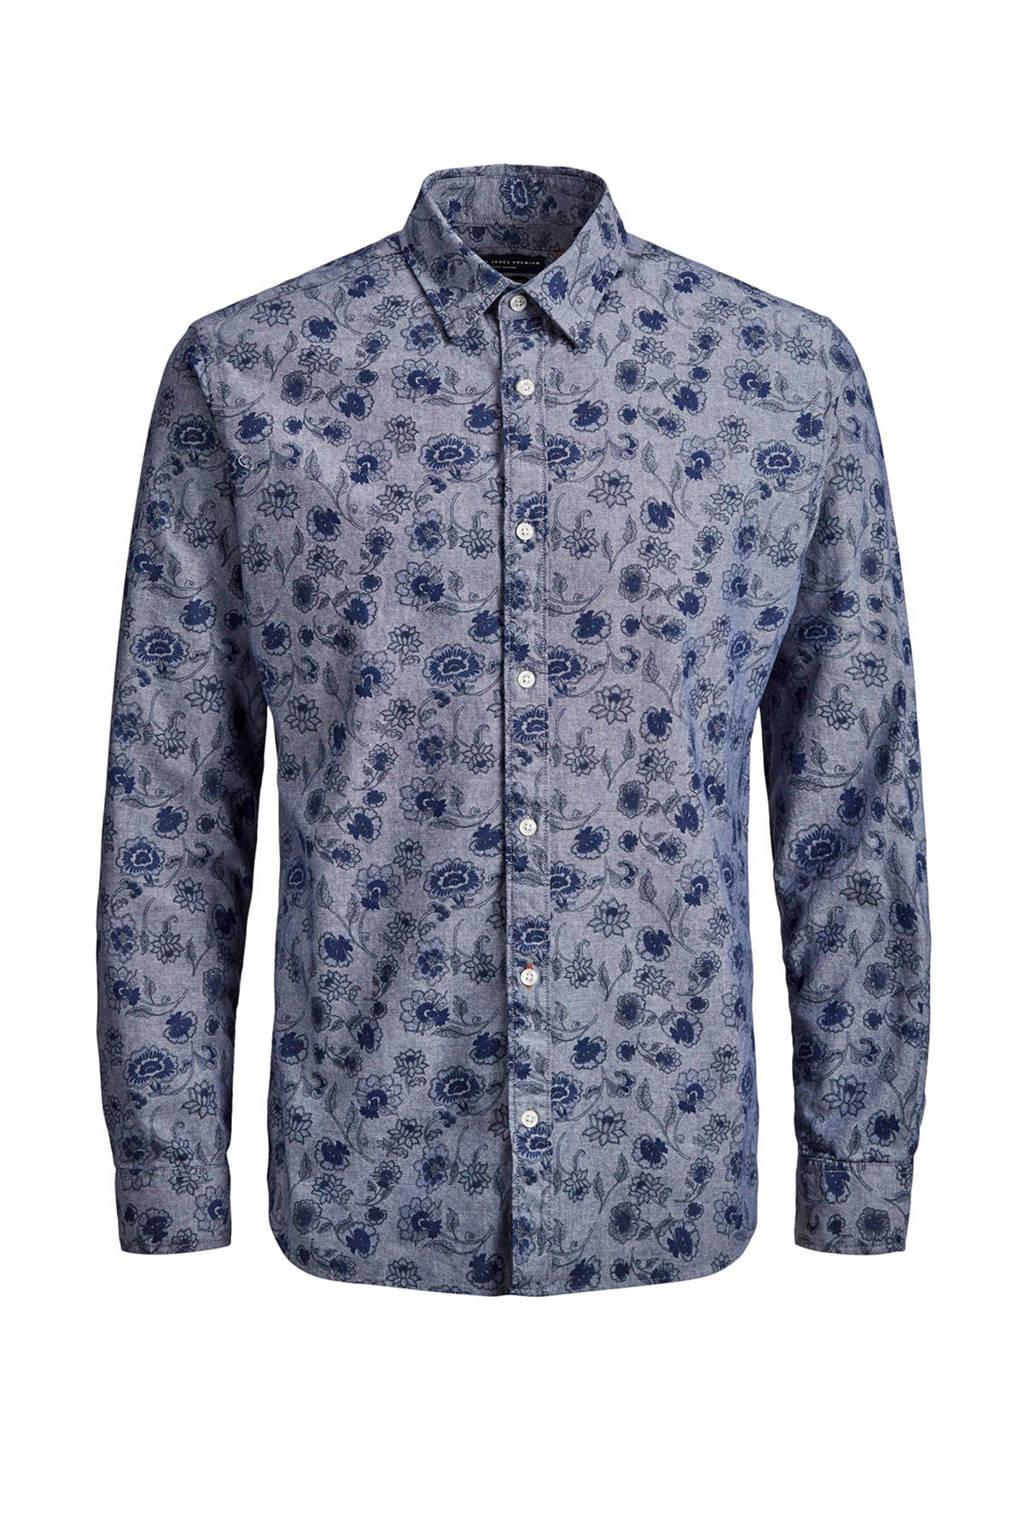 JACK & JONES PREMIUM regular fit overhemd met print, Donkerblauw